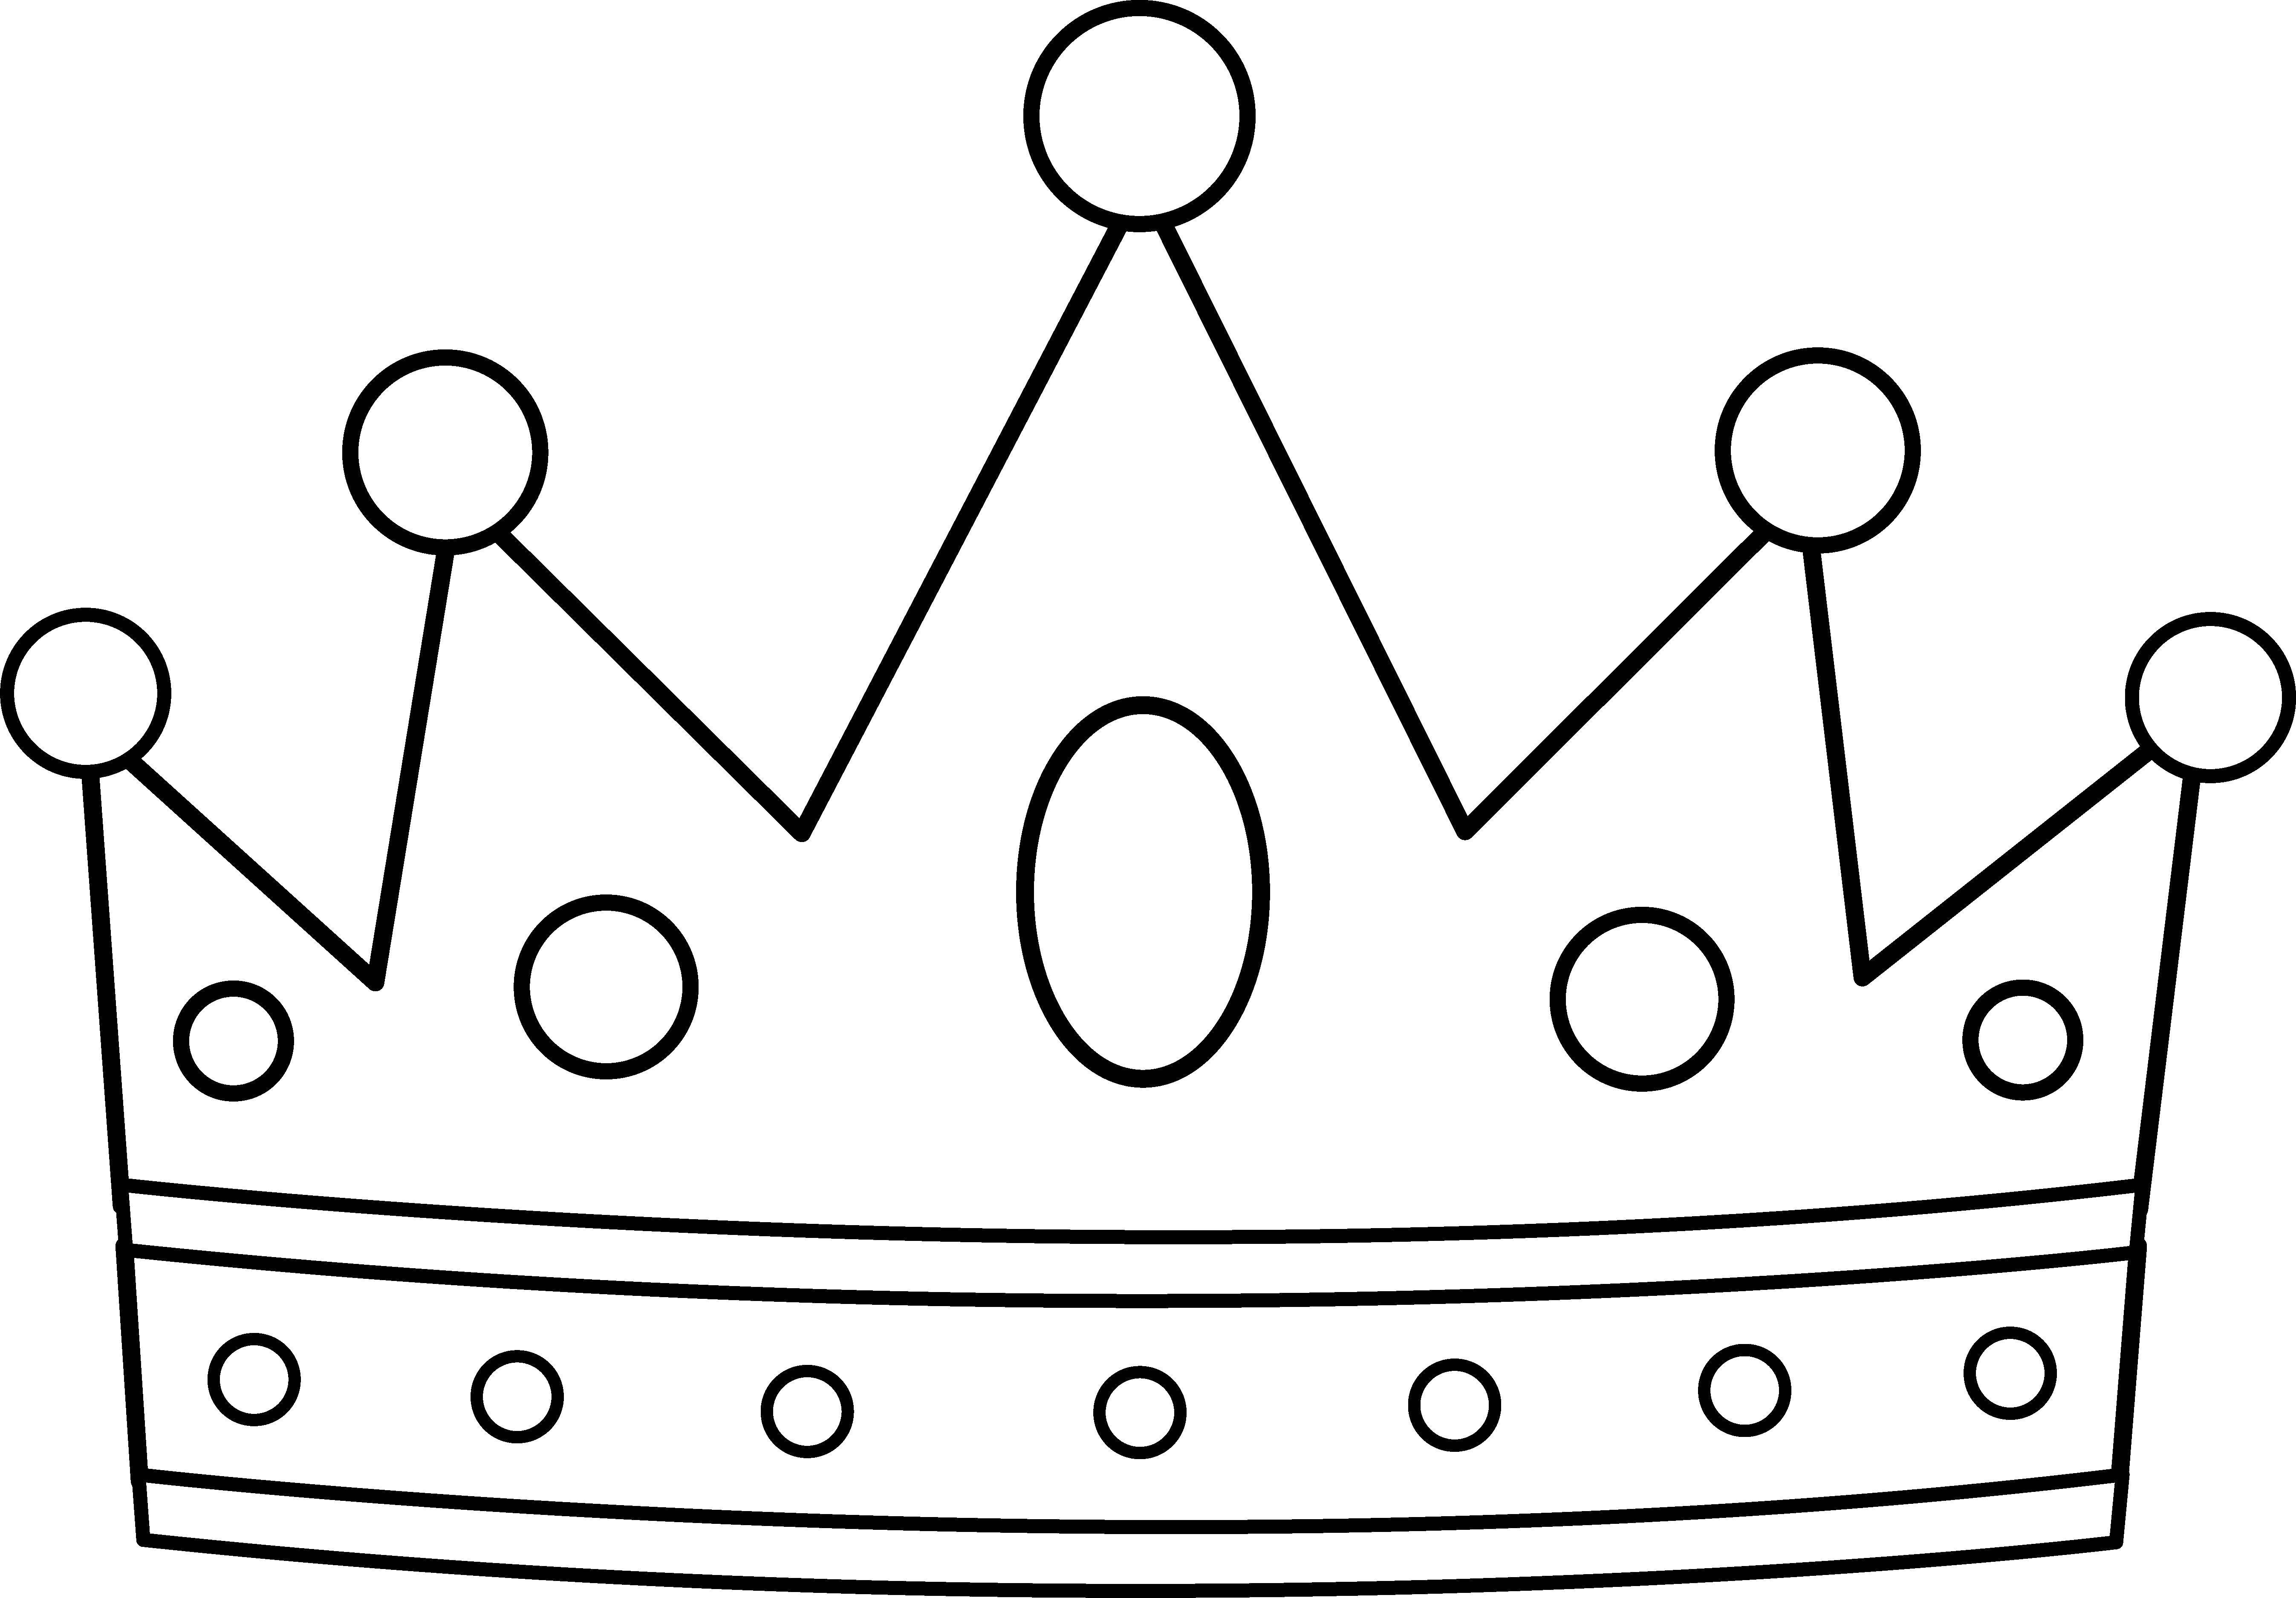 Раскраска Корона Скачать контру, елка.  Распечатать ,Контур дерева,